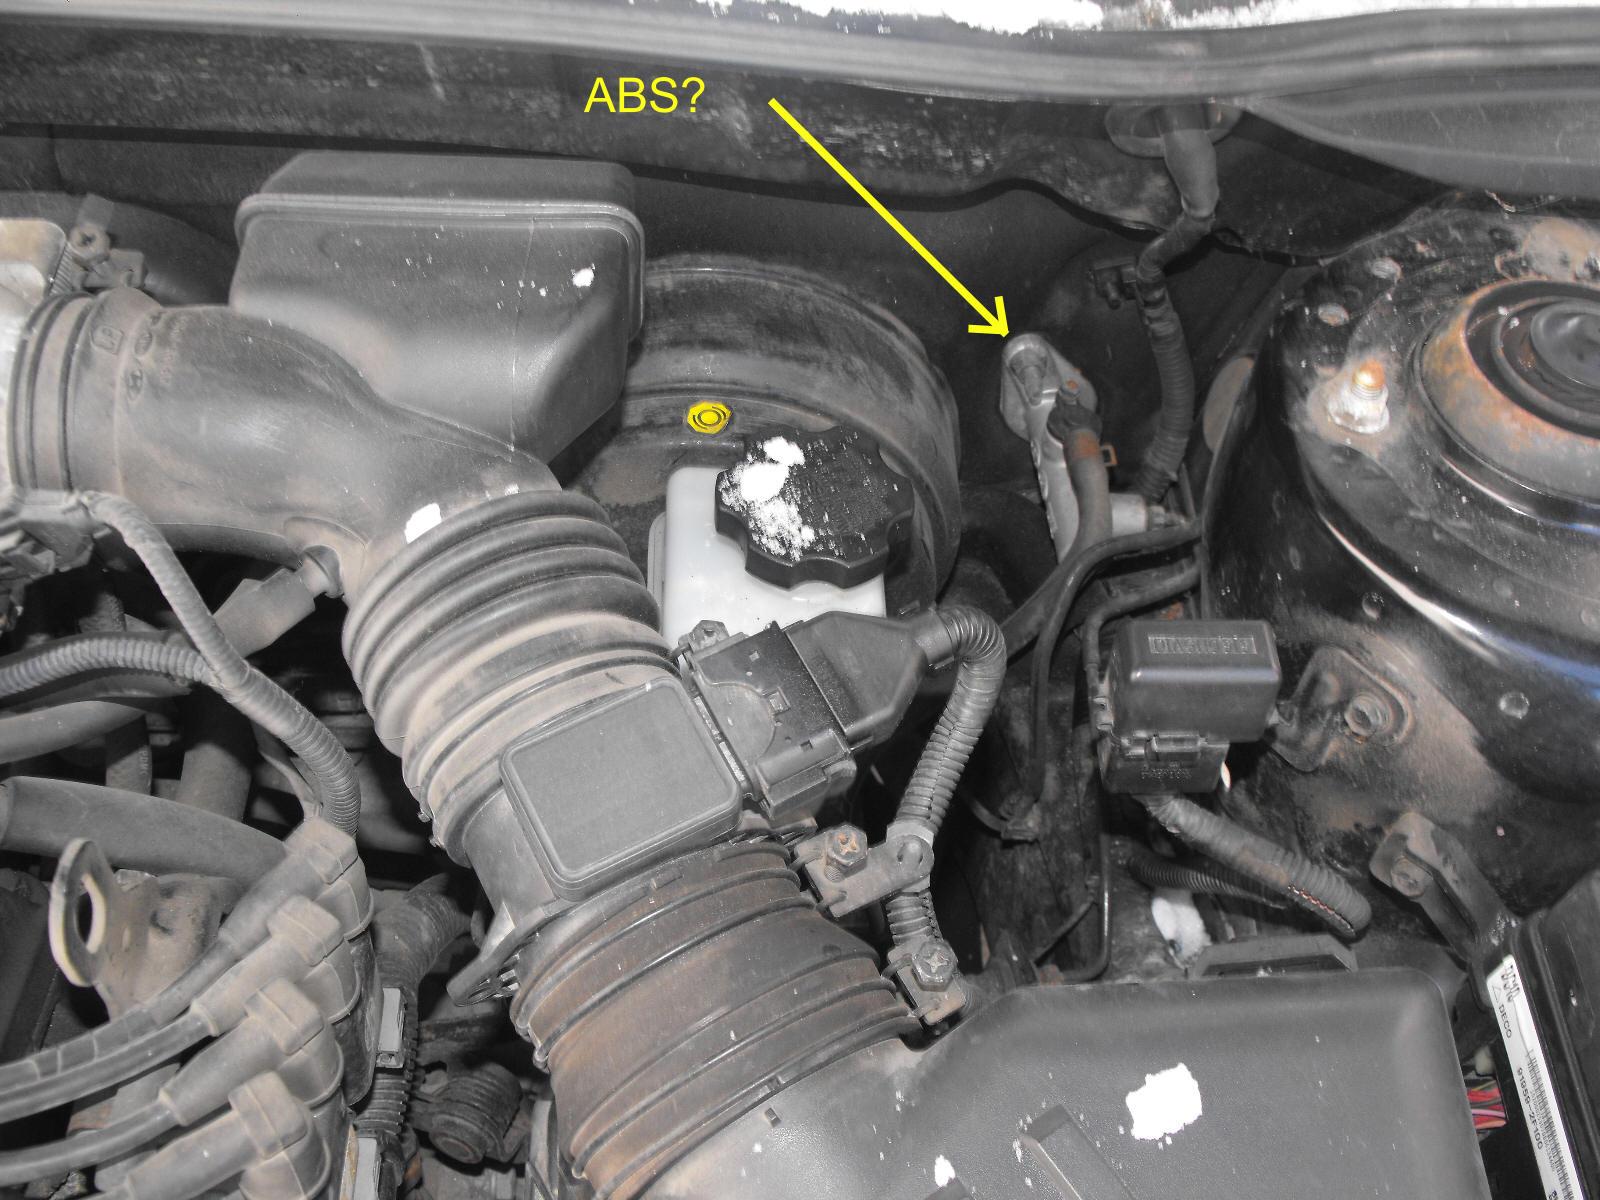 D Kia Spectra Abs Kia on 2008 Ford Edge Starter Location